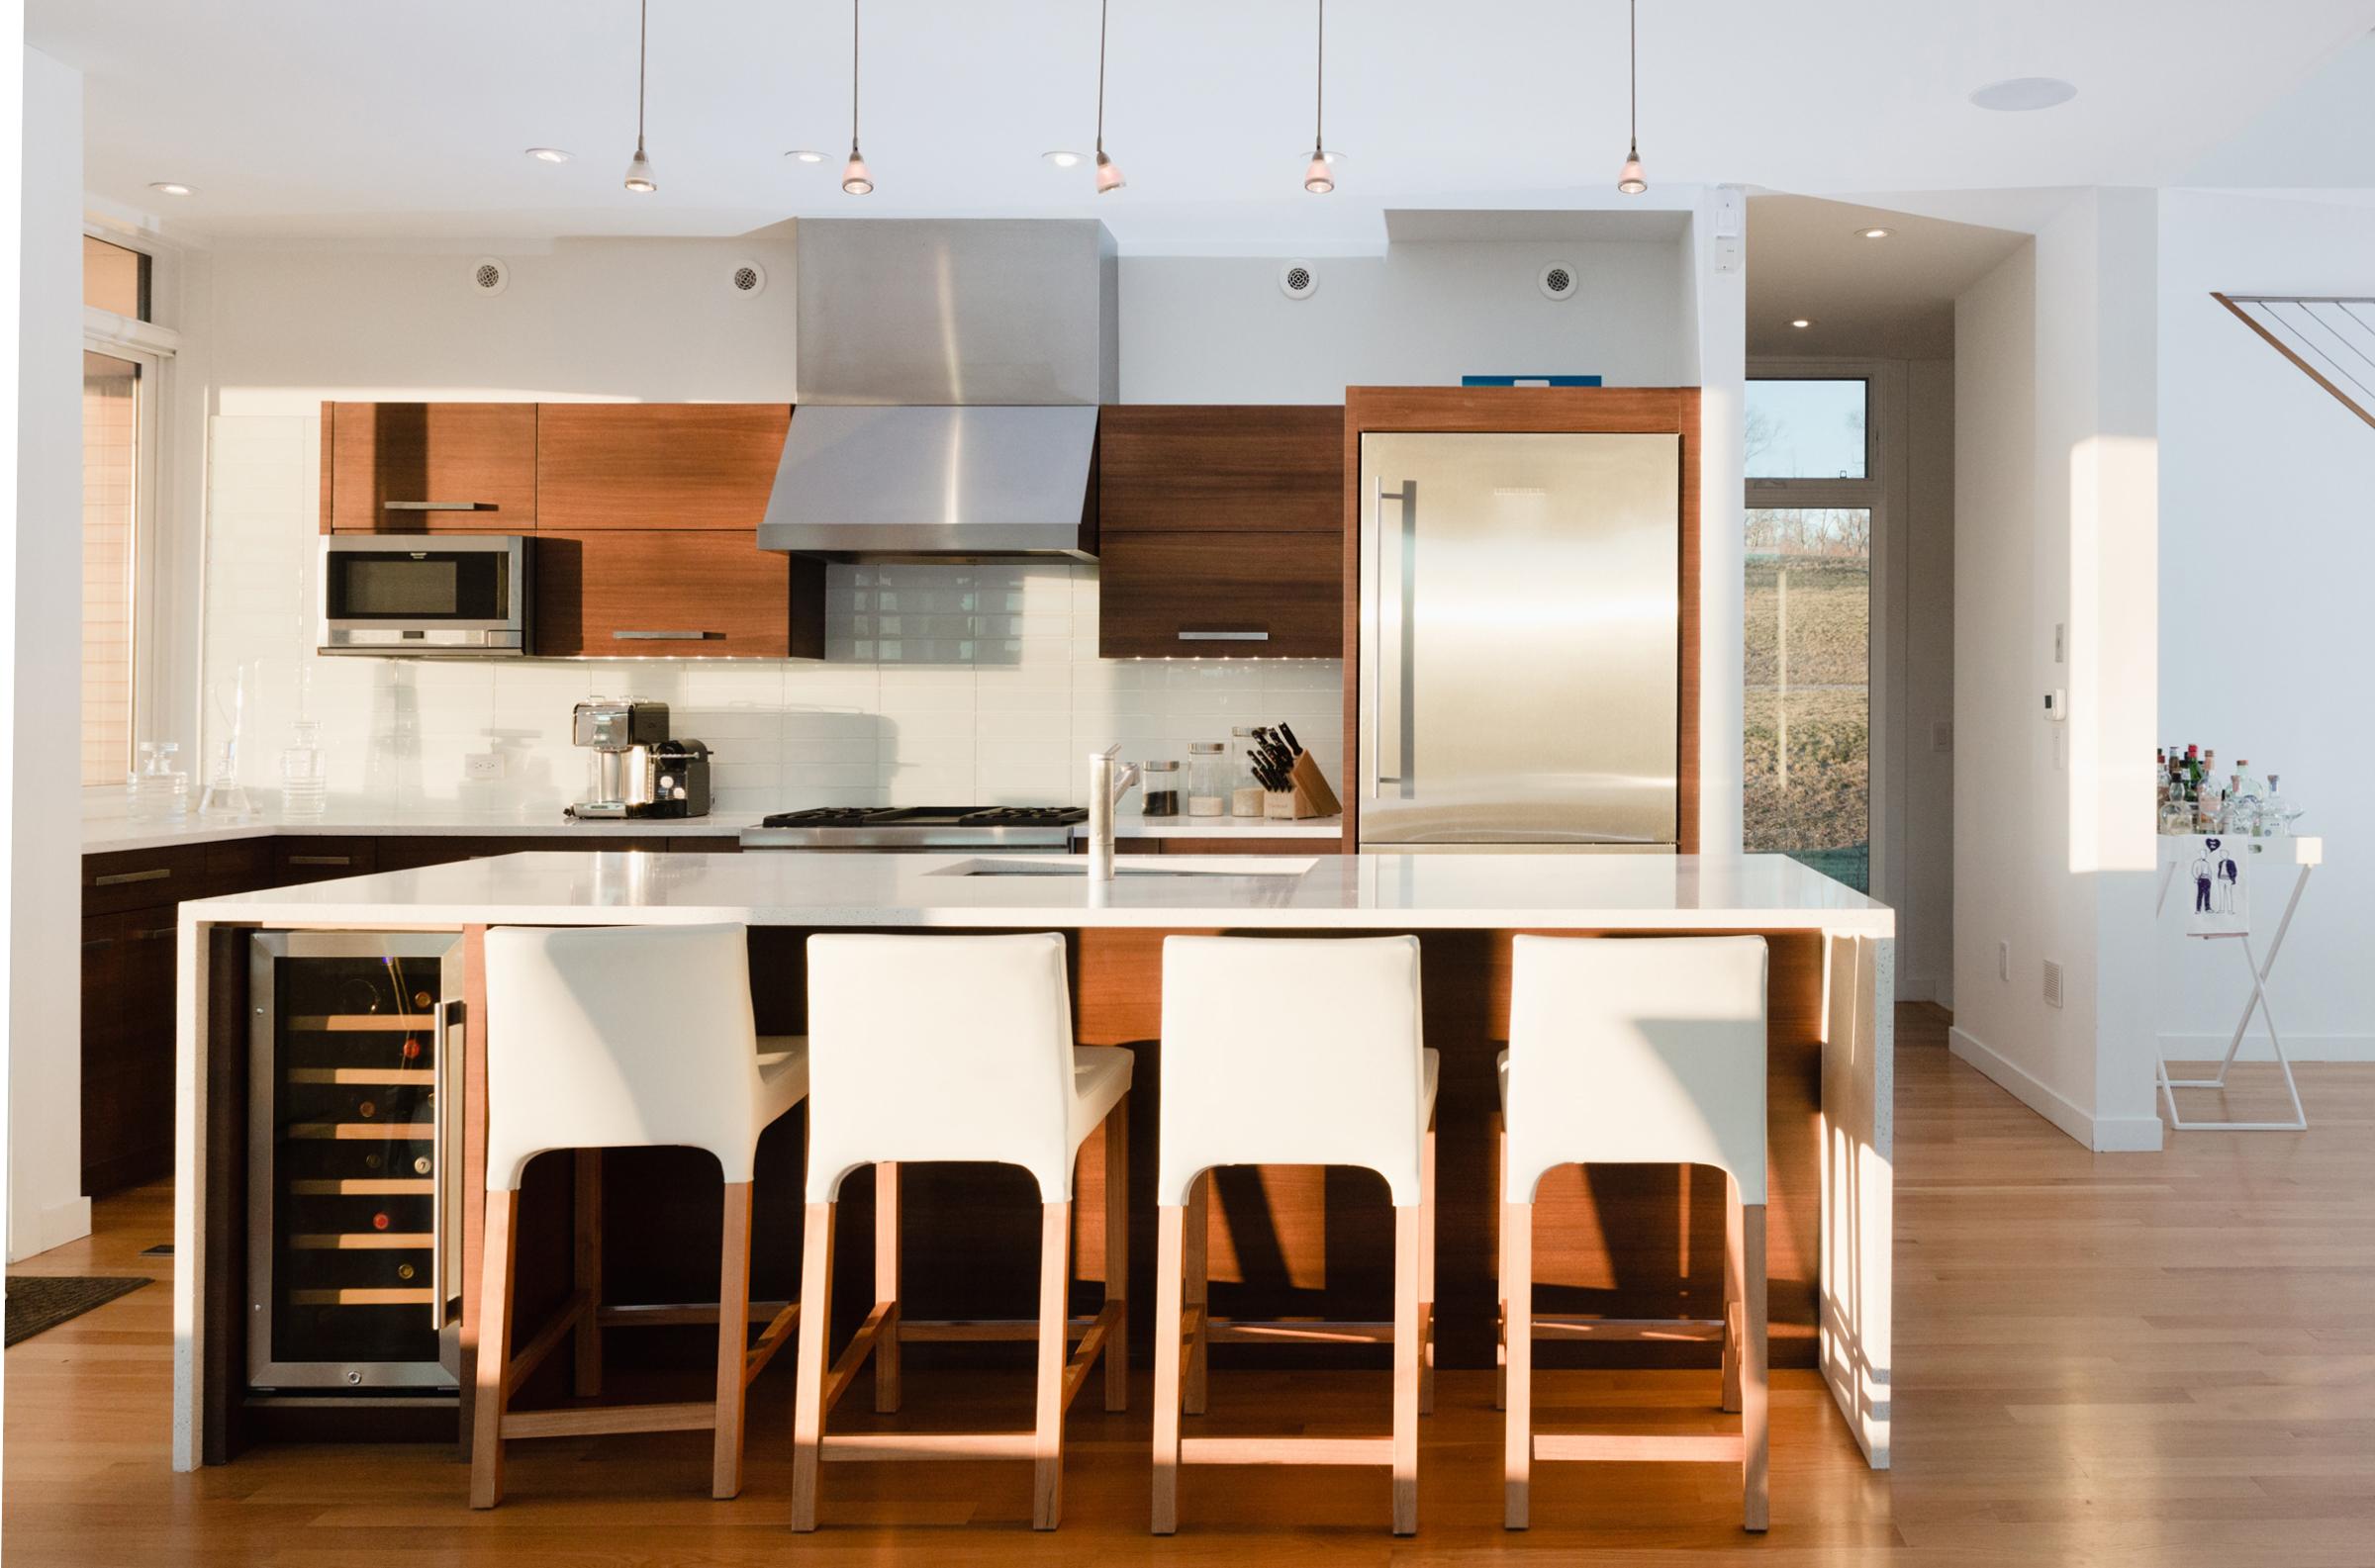 turkel_modern_design_prefab_home_writers_retreat_kitchen.jpg